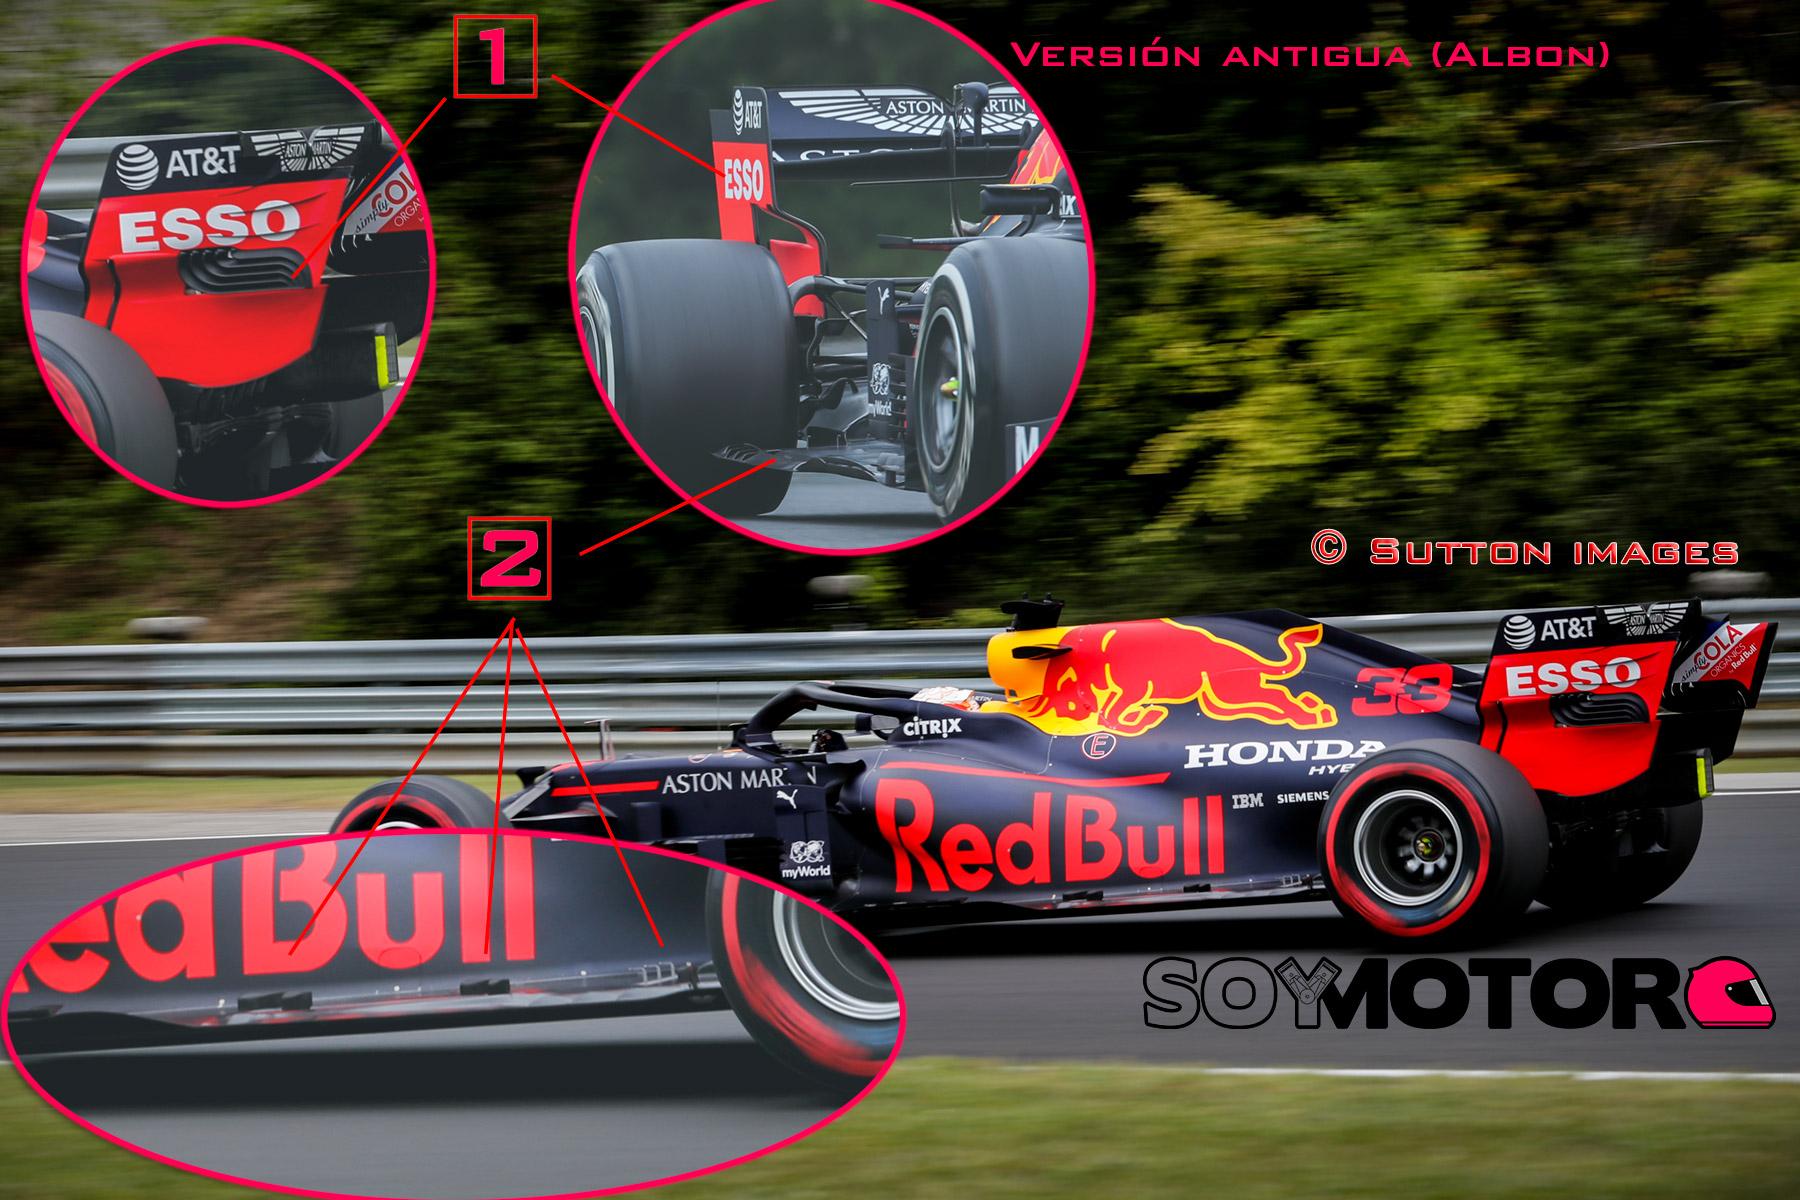 red-bull-pruebas-novedades-y-coche-antiguo.jpg